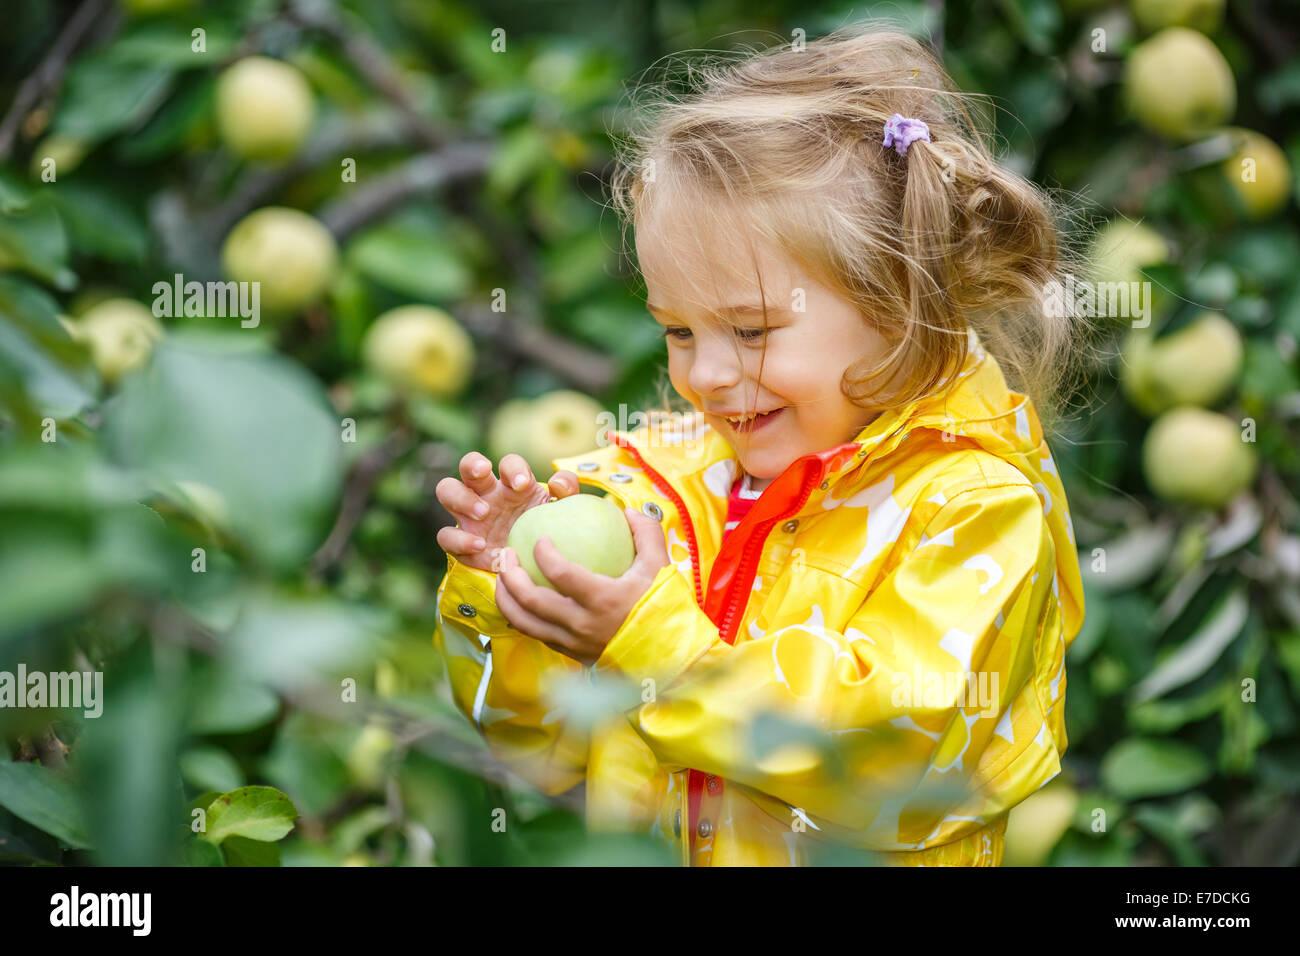 Little girl in the apple garden - Stock Image